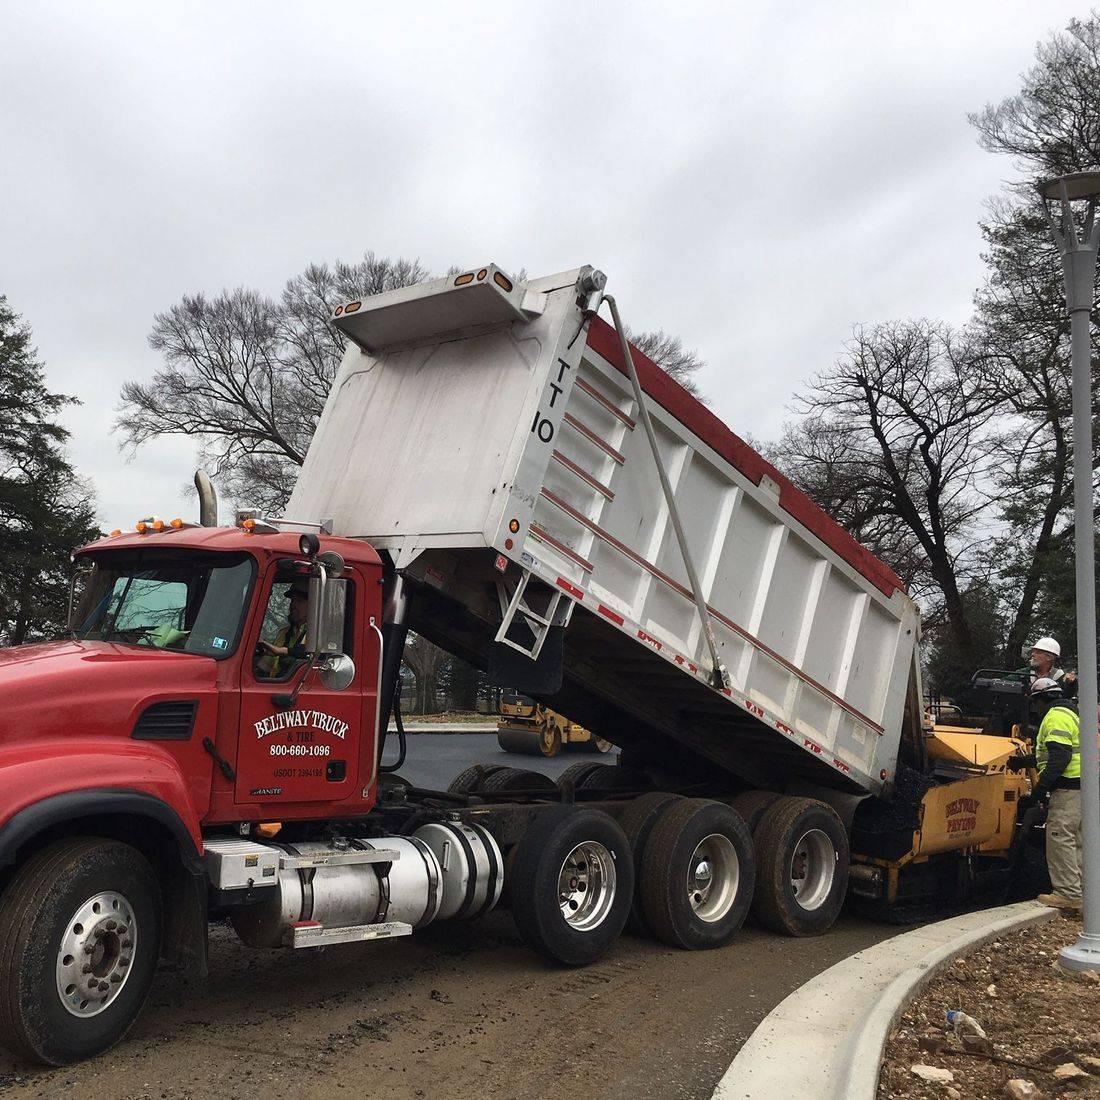 asphalt pour for roadway of campus